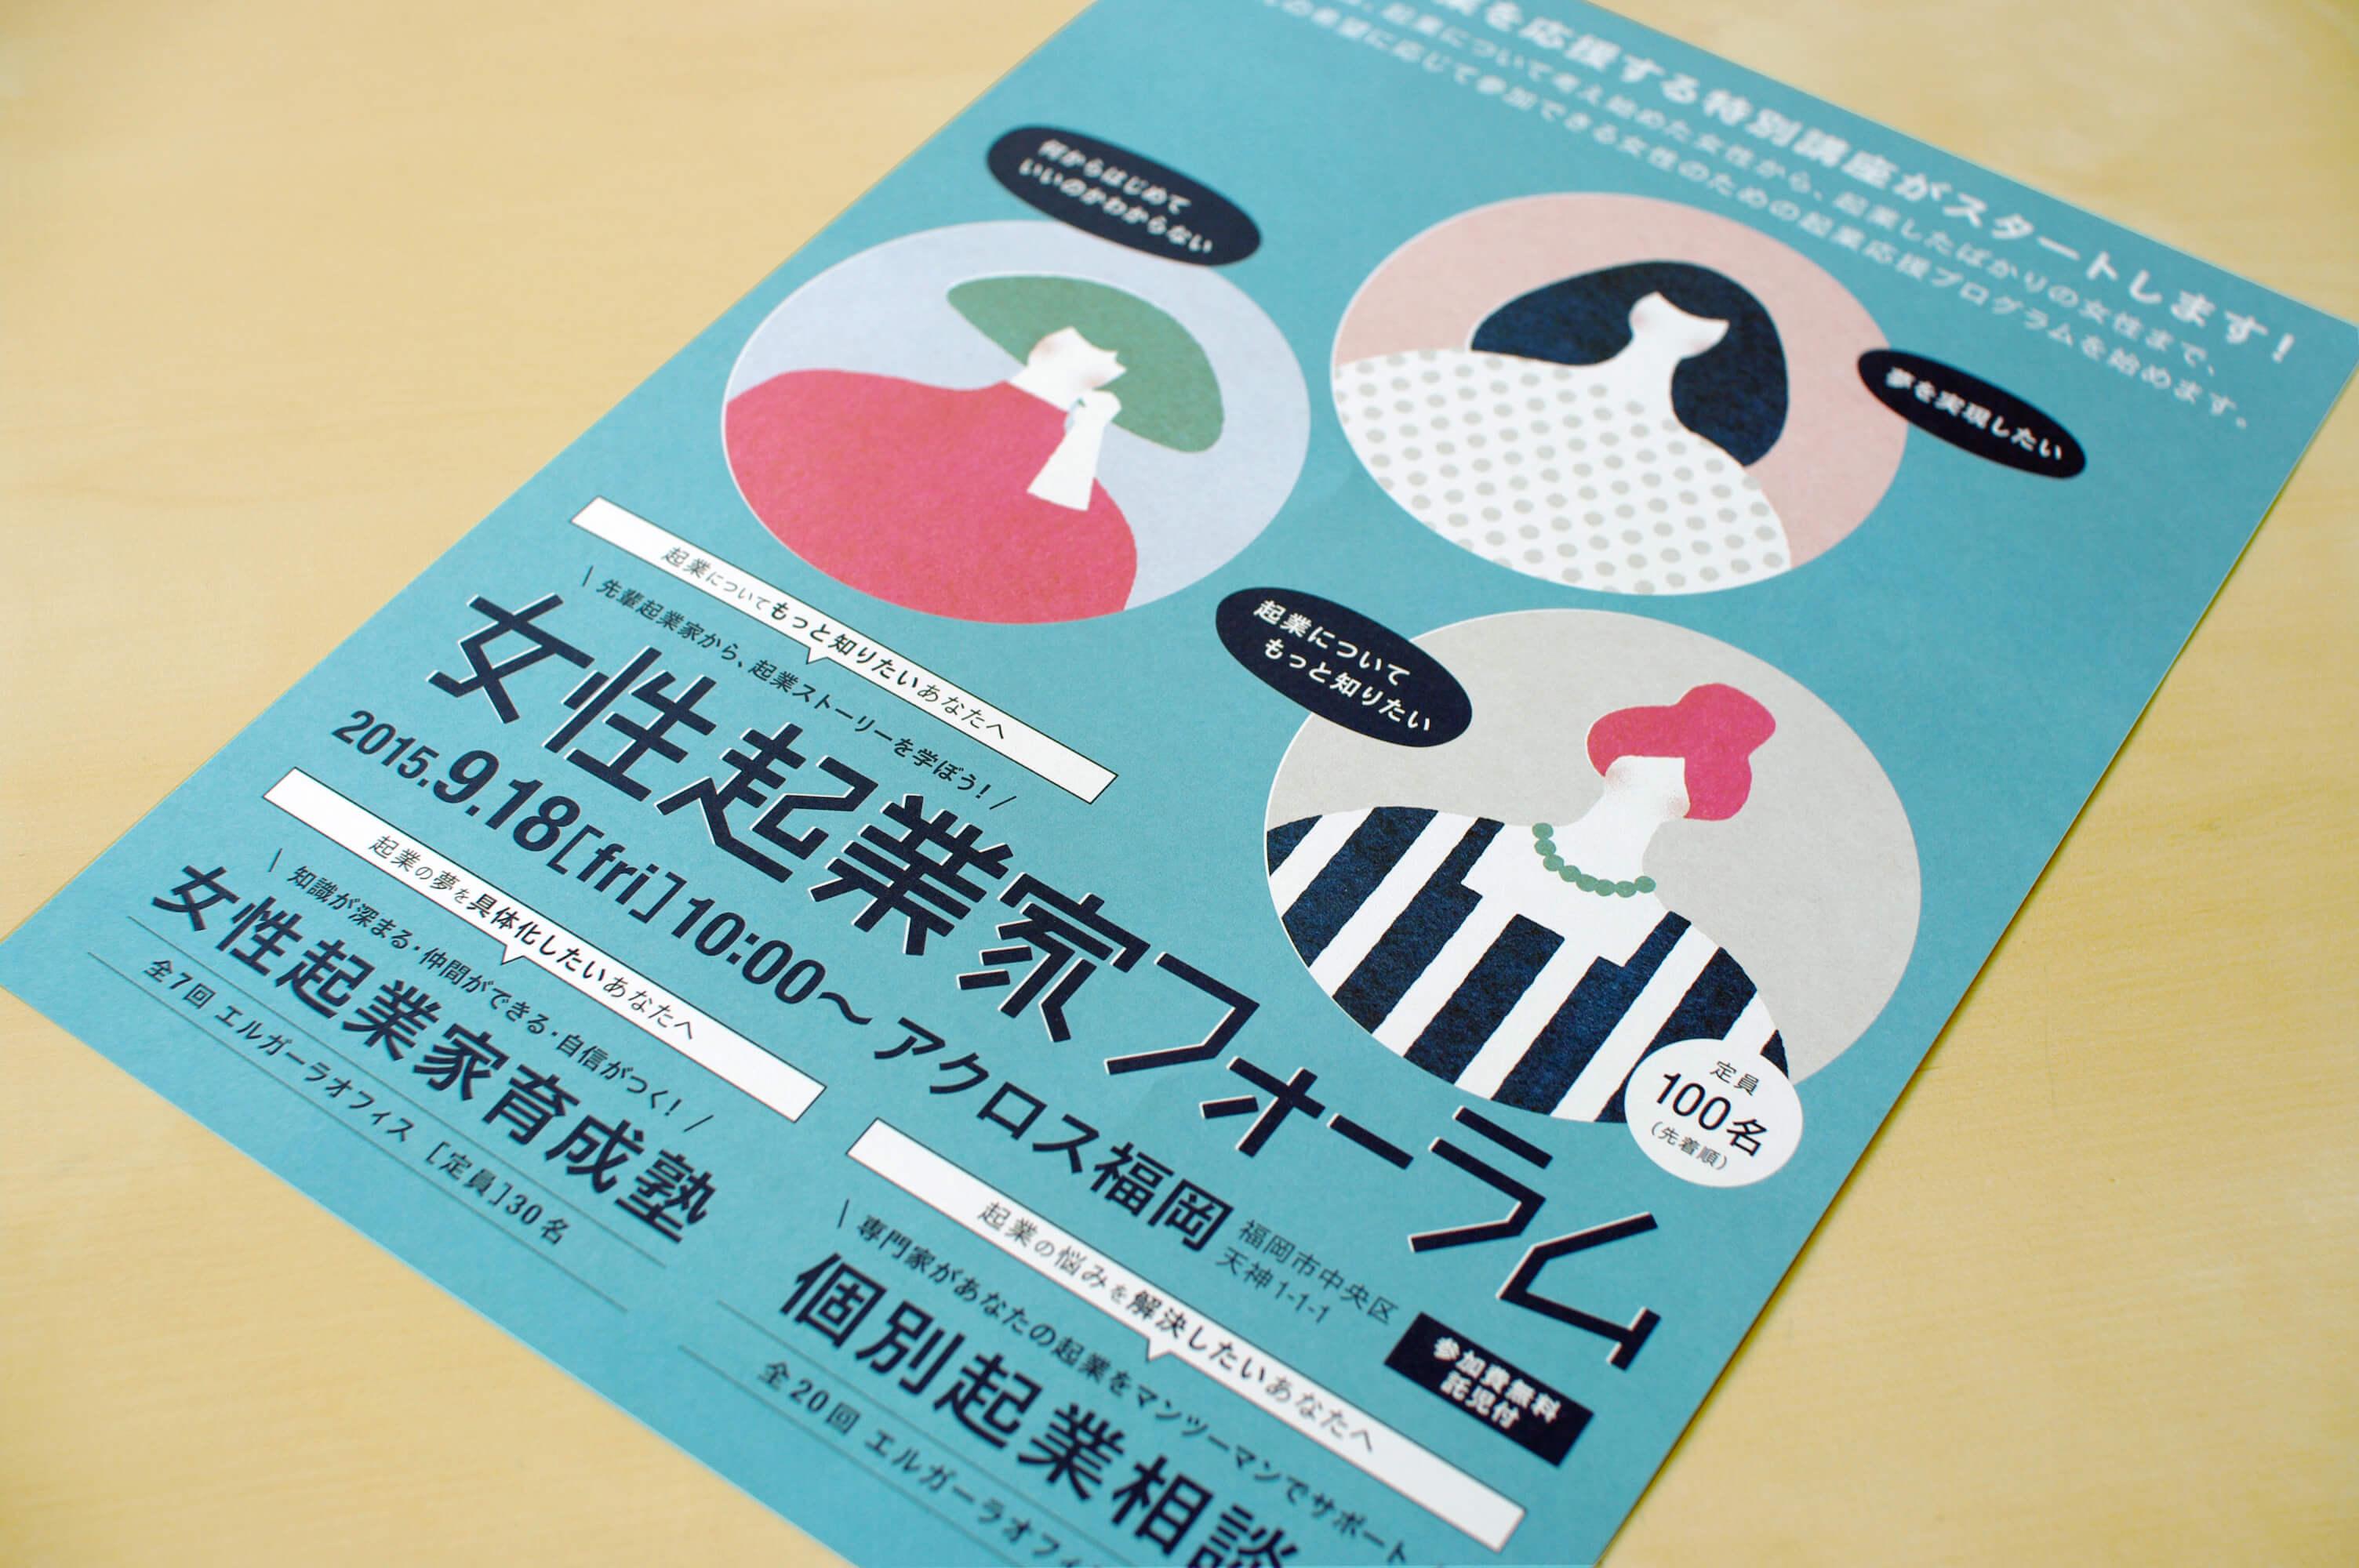 福岡県とデロイトトーマツ様による女性の起業を応援する特別セミナー、  「女性起業家セミナー」のフライヤーを制作させて頂きました。